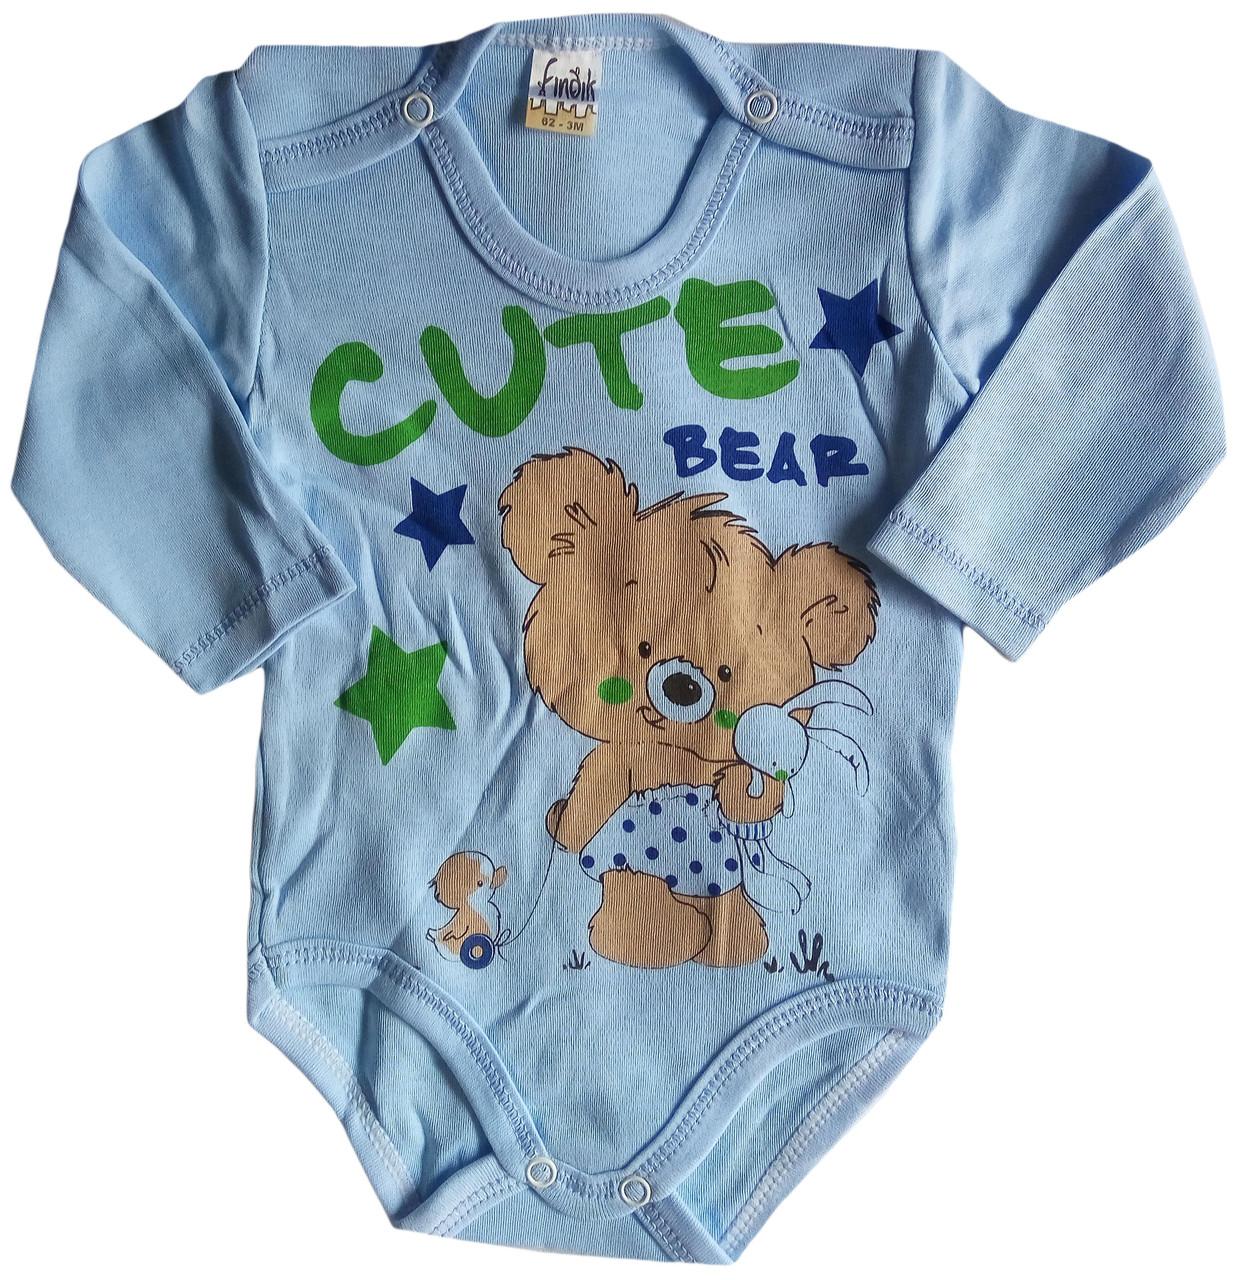 Детский Боди с длинным рукавом, Мишка, голубой, 3-6-9-12-18 мес, интерлок, Турция, оптом